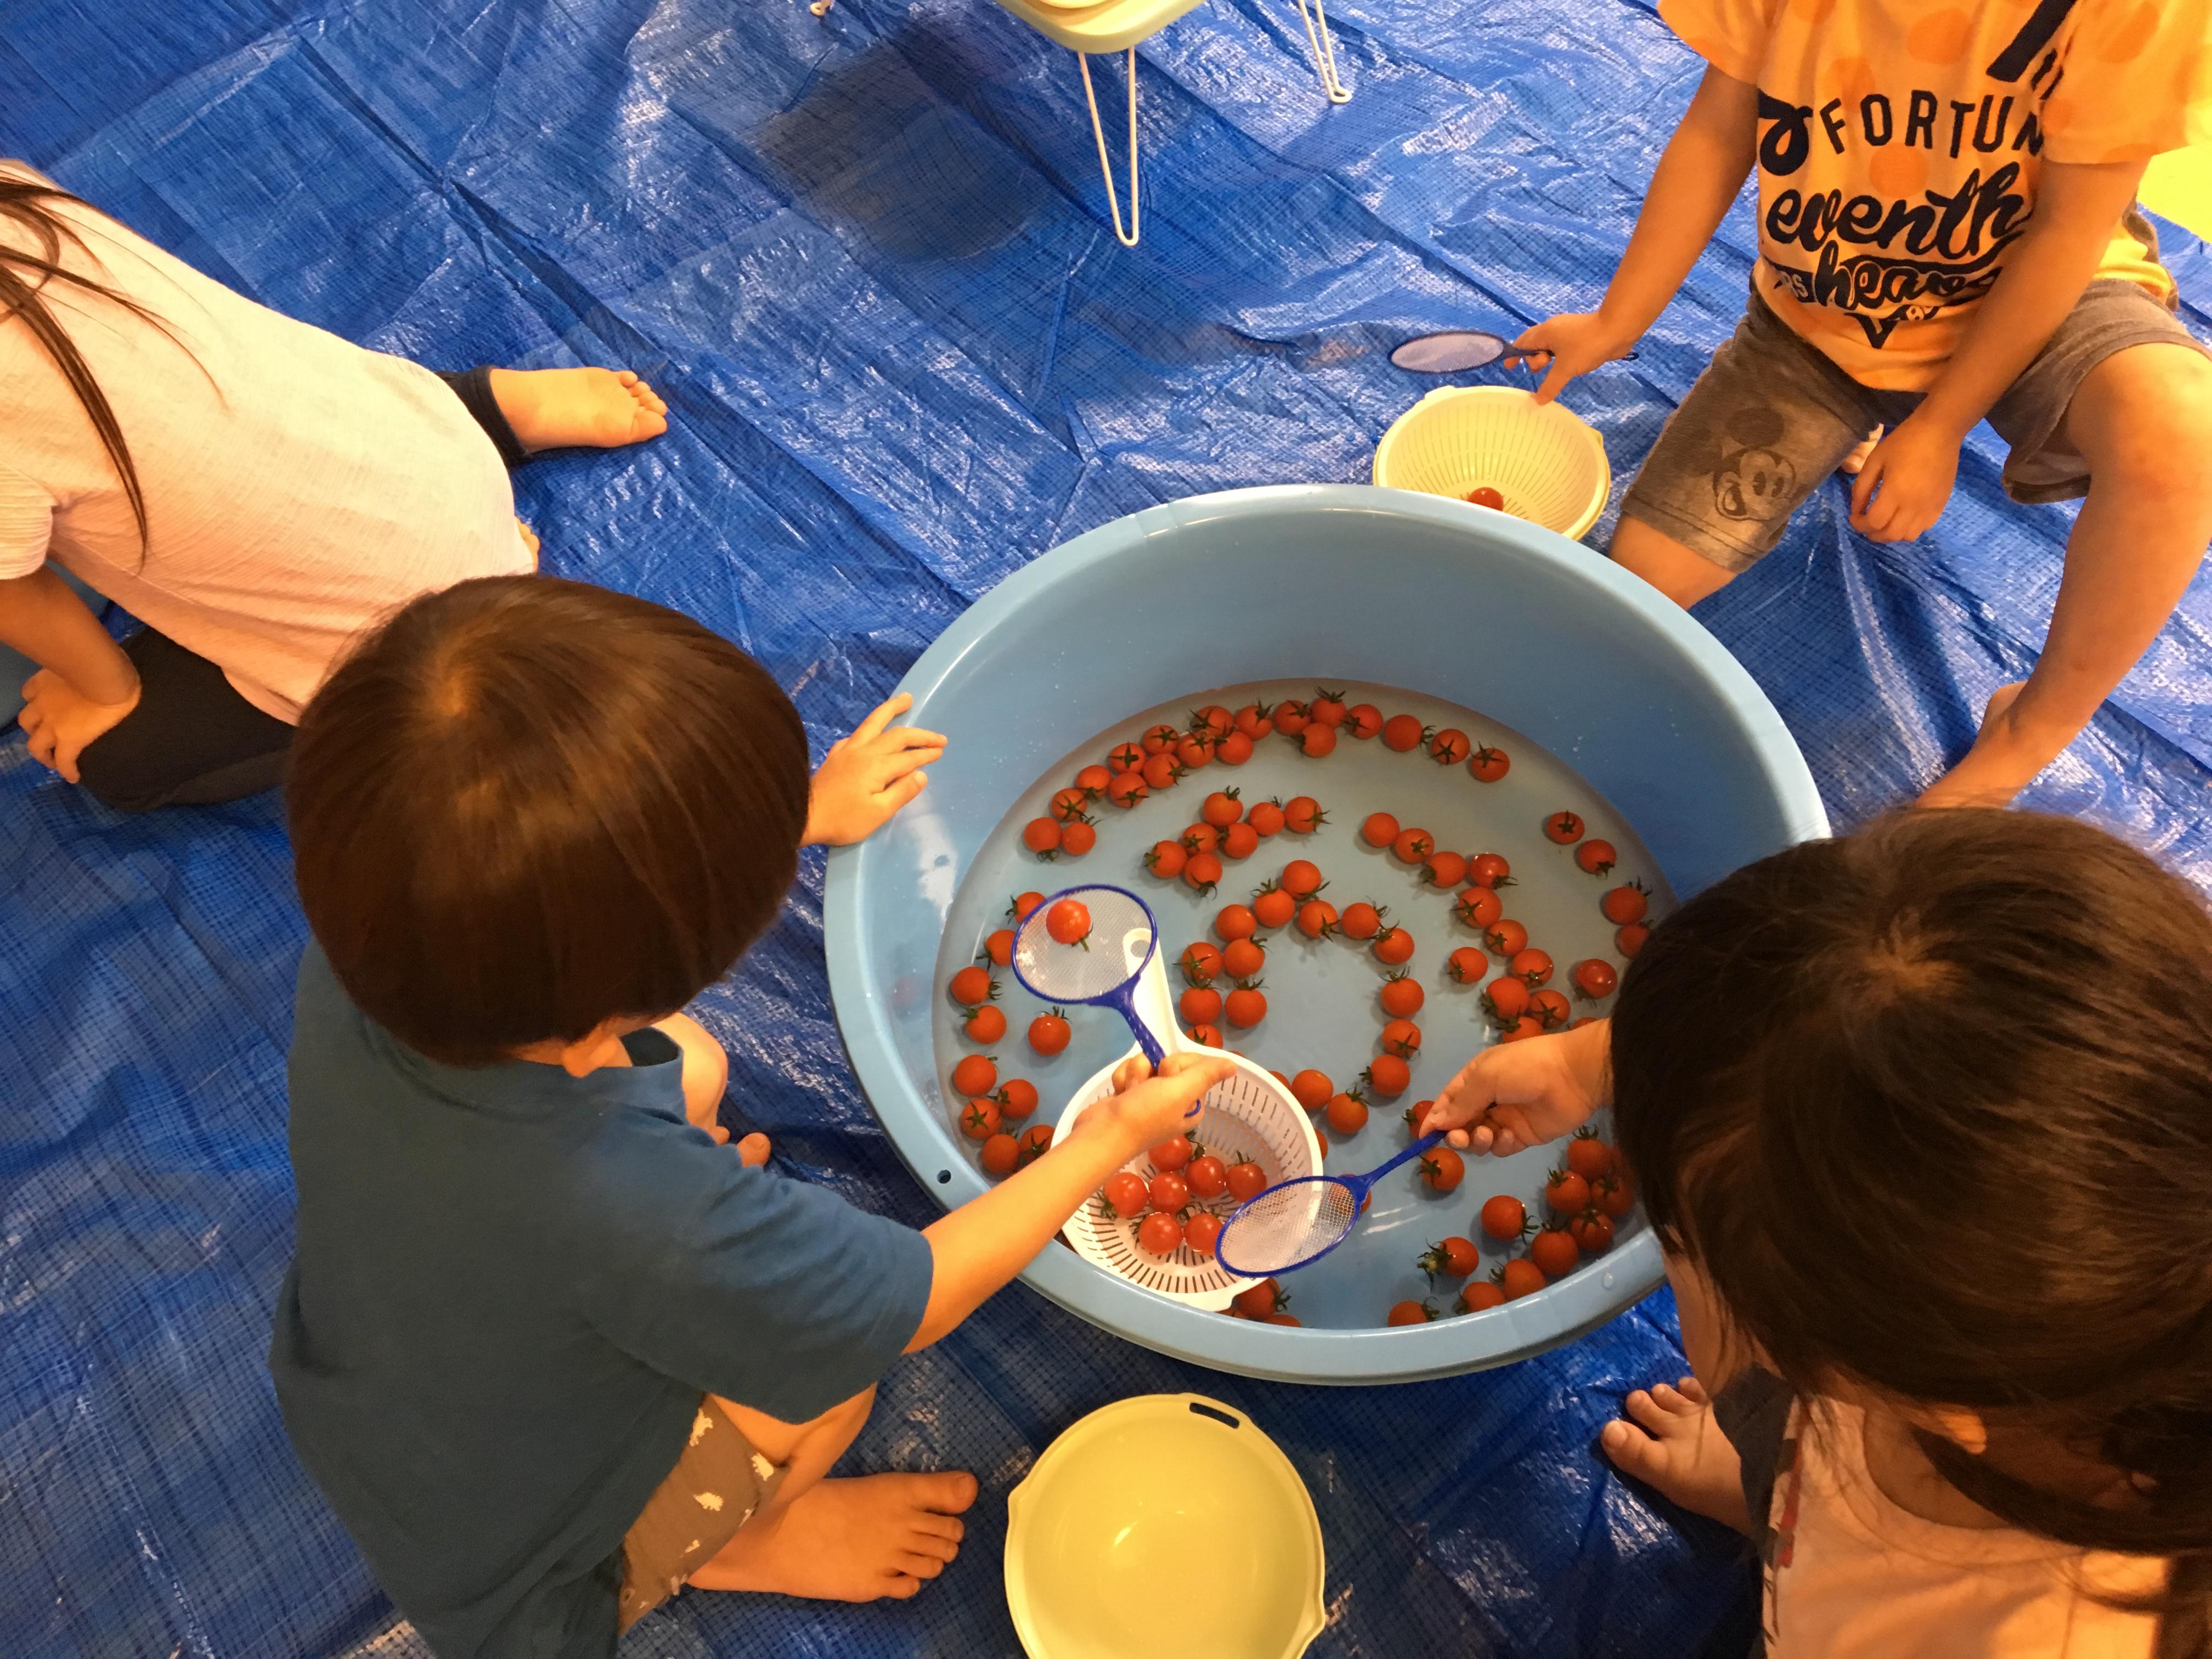 「やさいと仲良し大作戦」と題し、ミニトマトの食育イベントを明日葉保育園にて開催しました|ソシオークホールディングス株式会社のプレスリリース